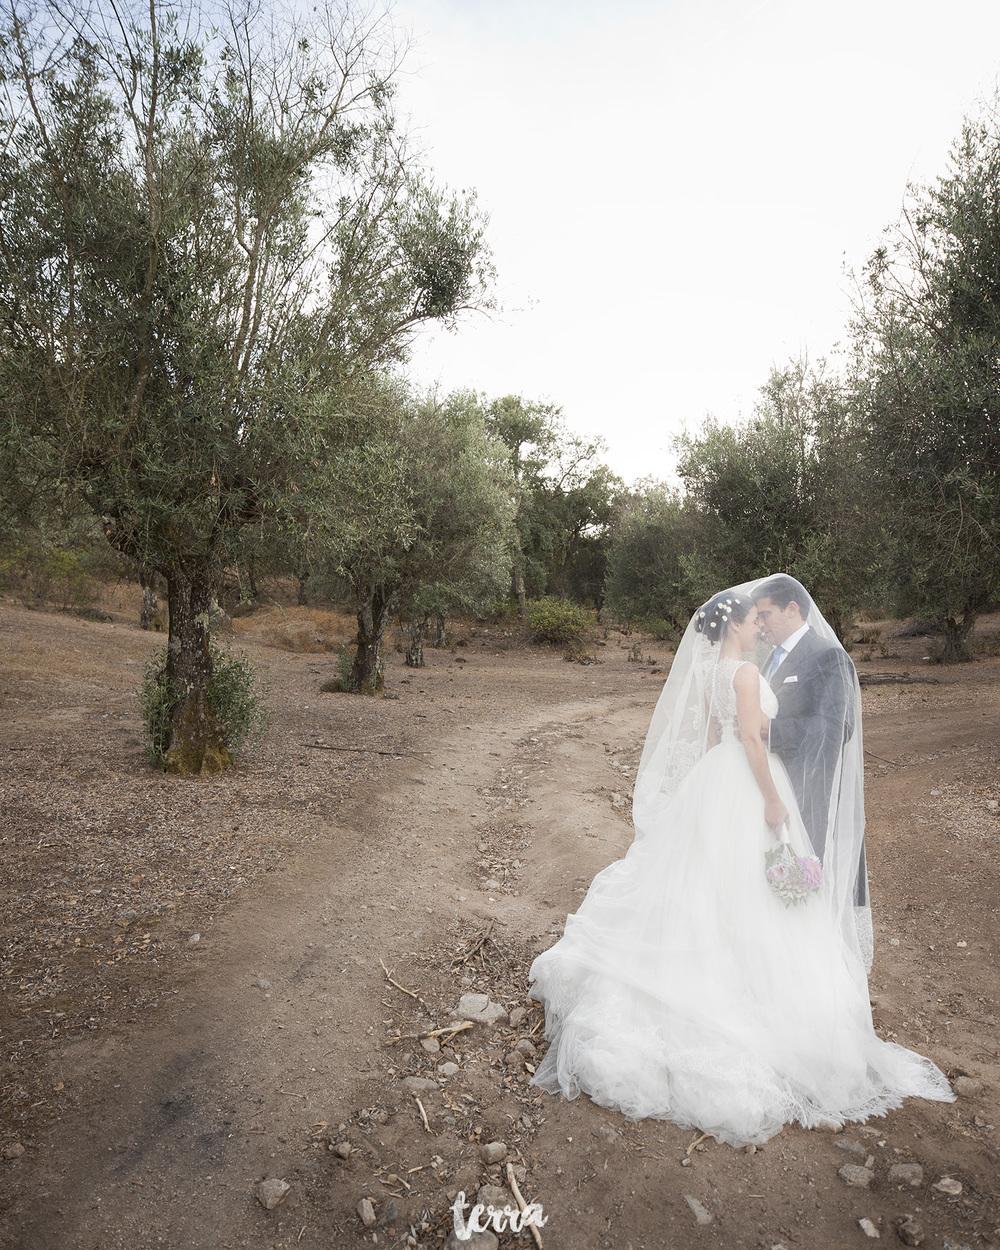 reportagem-casamento-imany-country-house-alentejo-terra-fotografia-0084.jpg